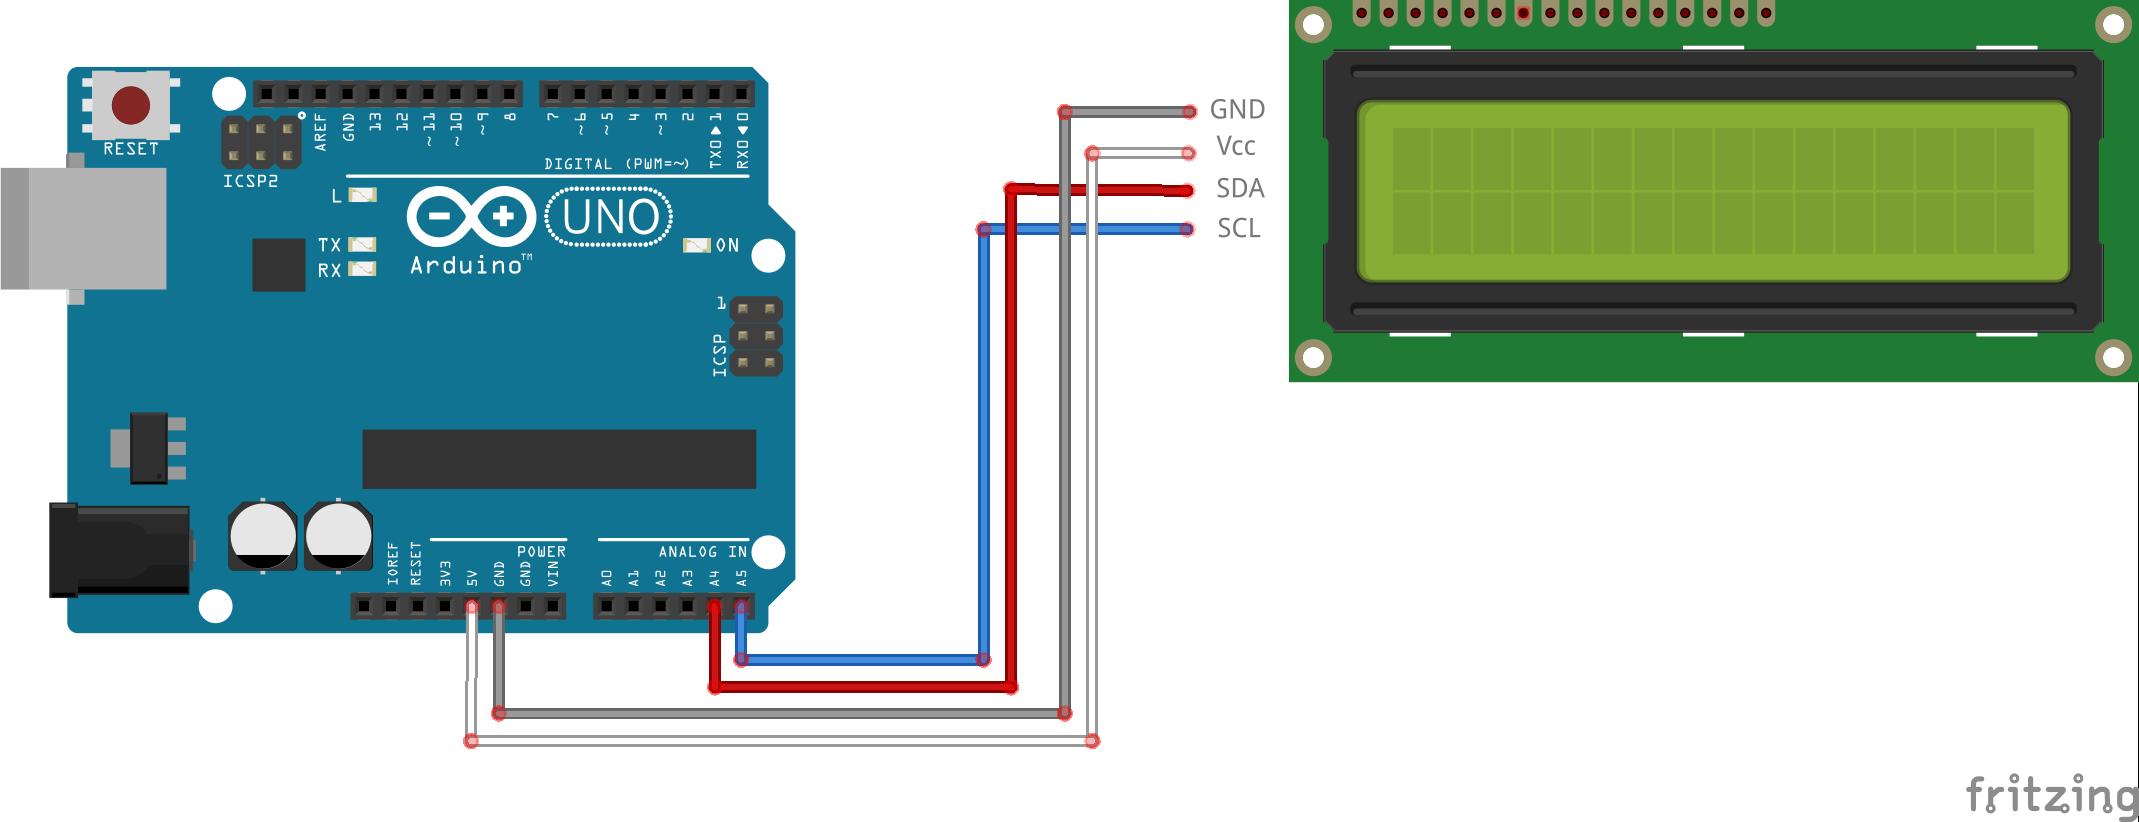 #11 Tekst en symbolen op een I2C LCD display schakelschema